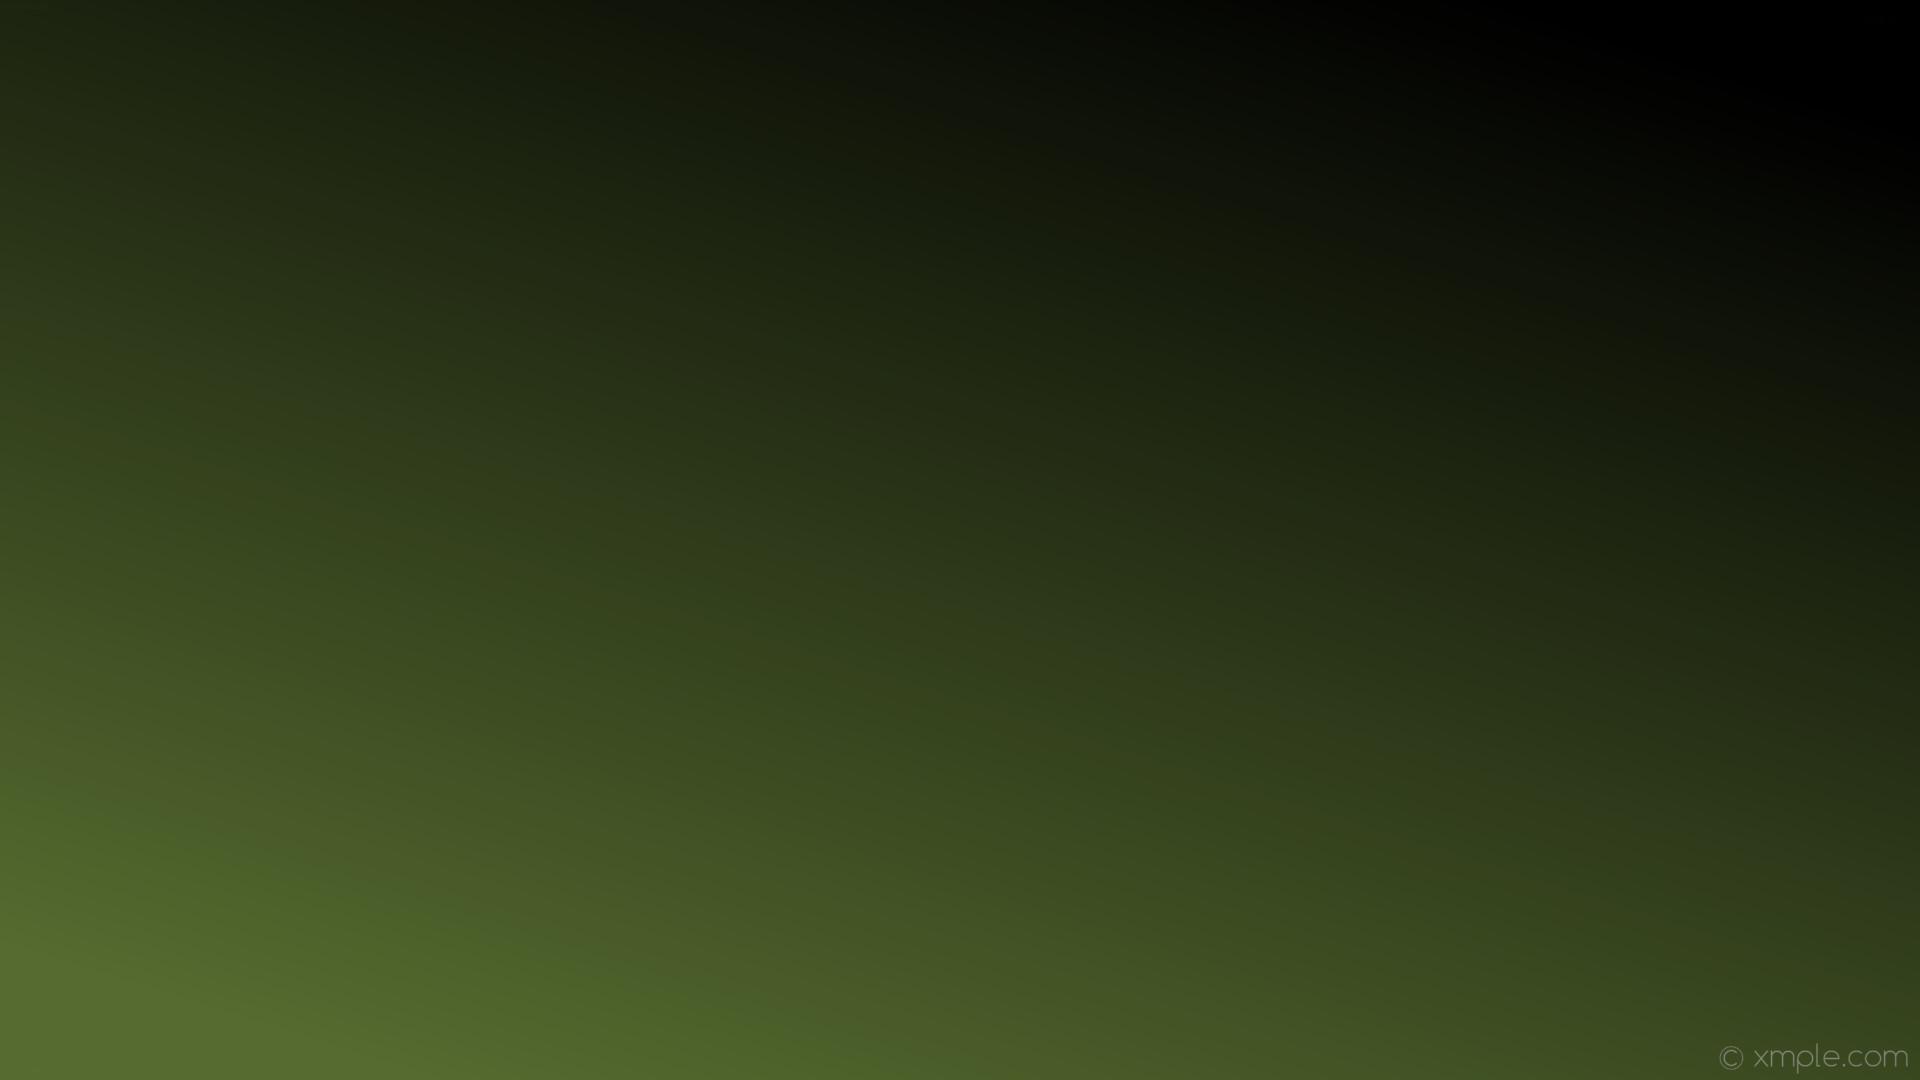 wallpaper black gradient linear green dark olive green #556b2f #000000 225°